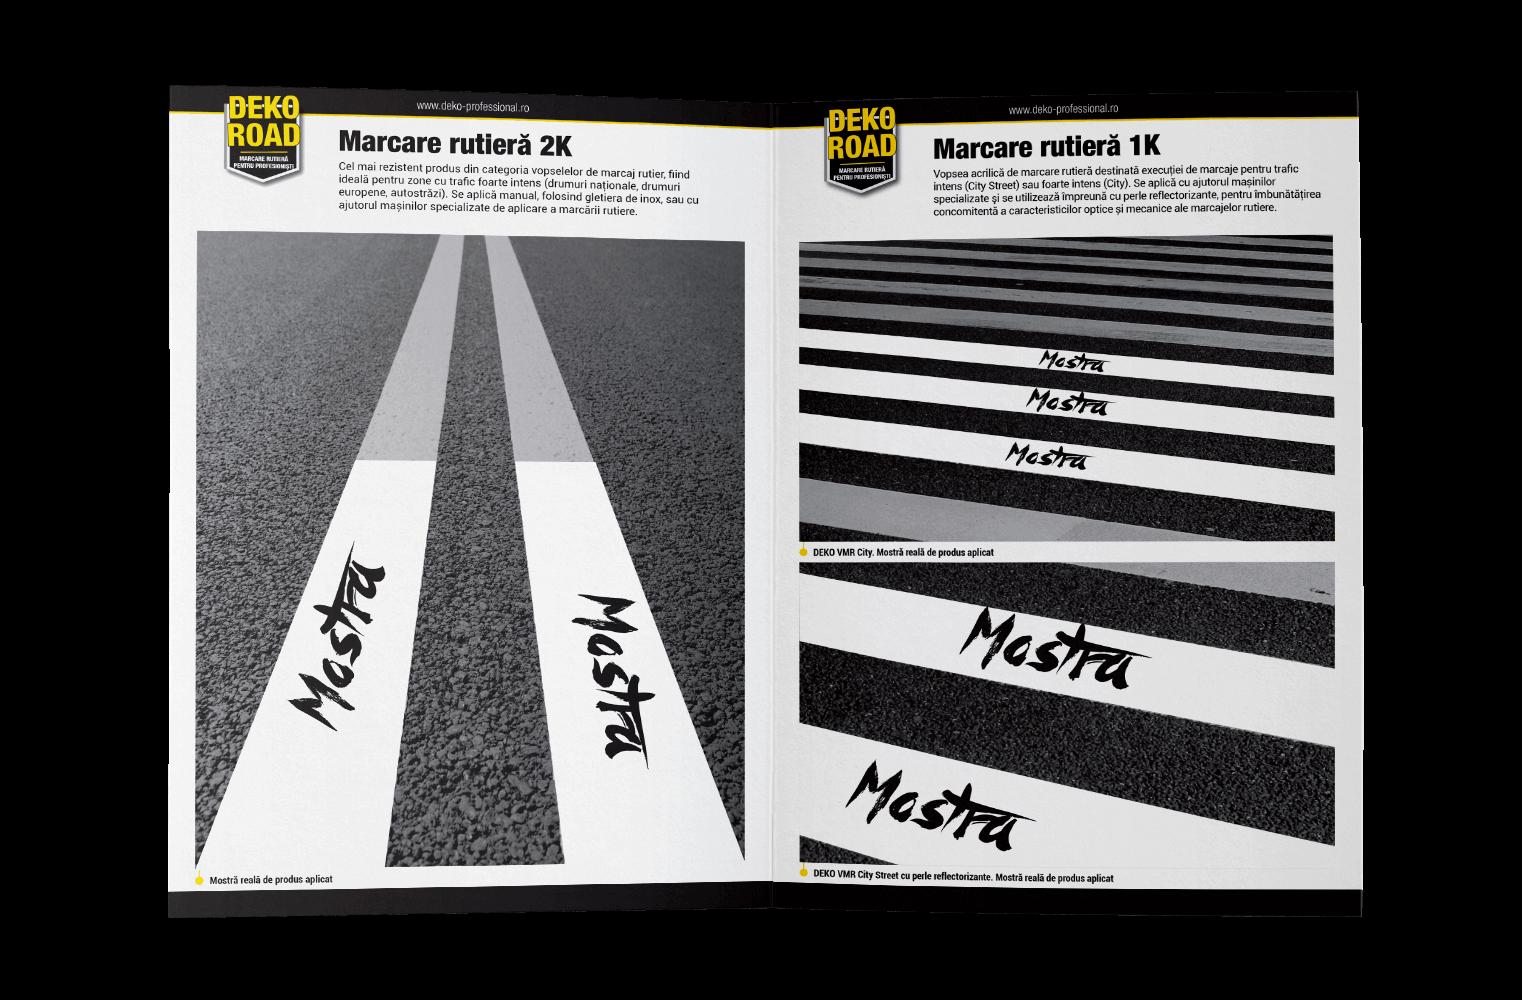 Policolor-DEKO-Catalog_Road-3